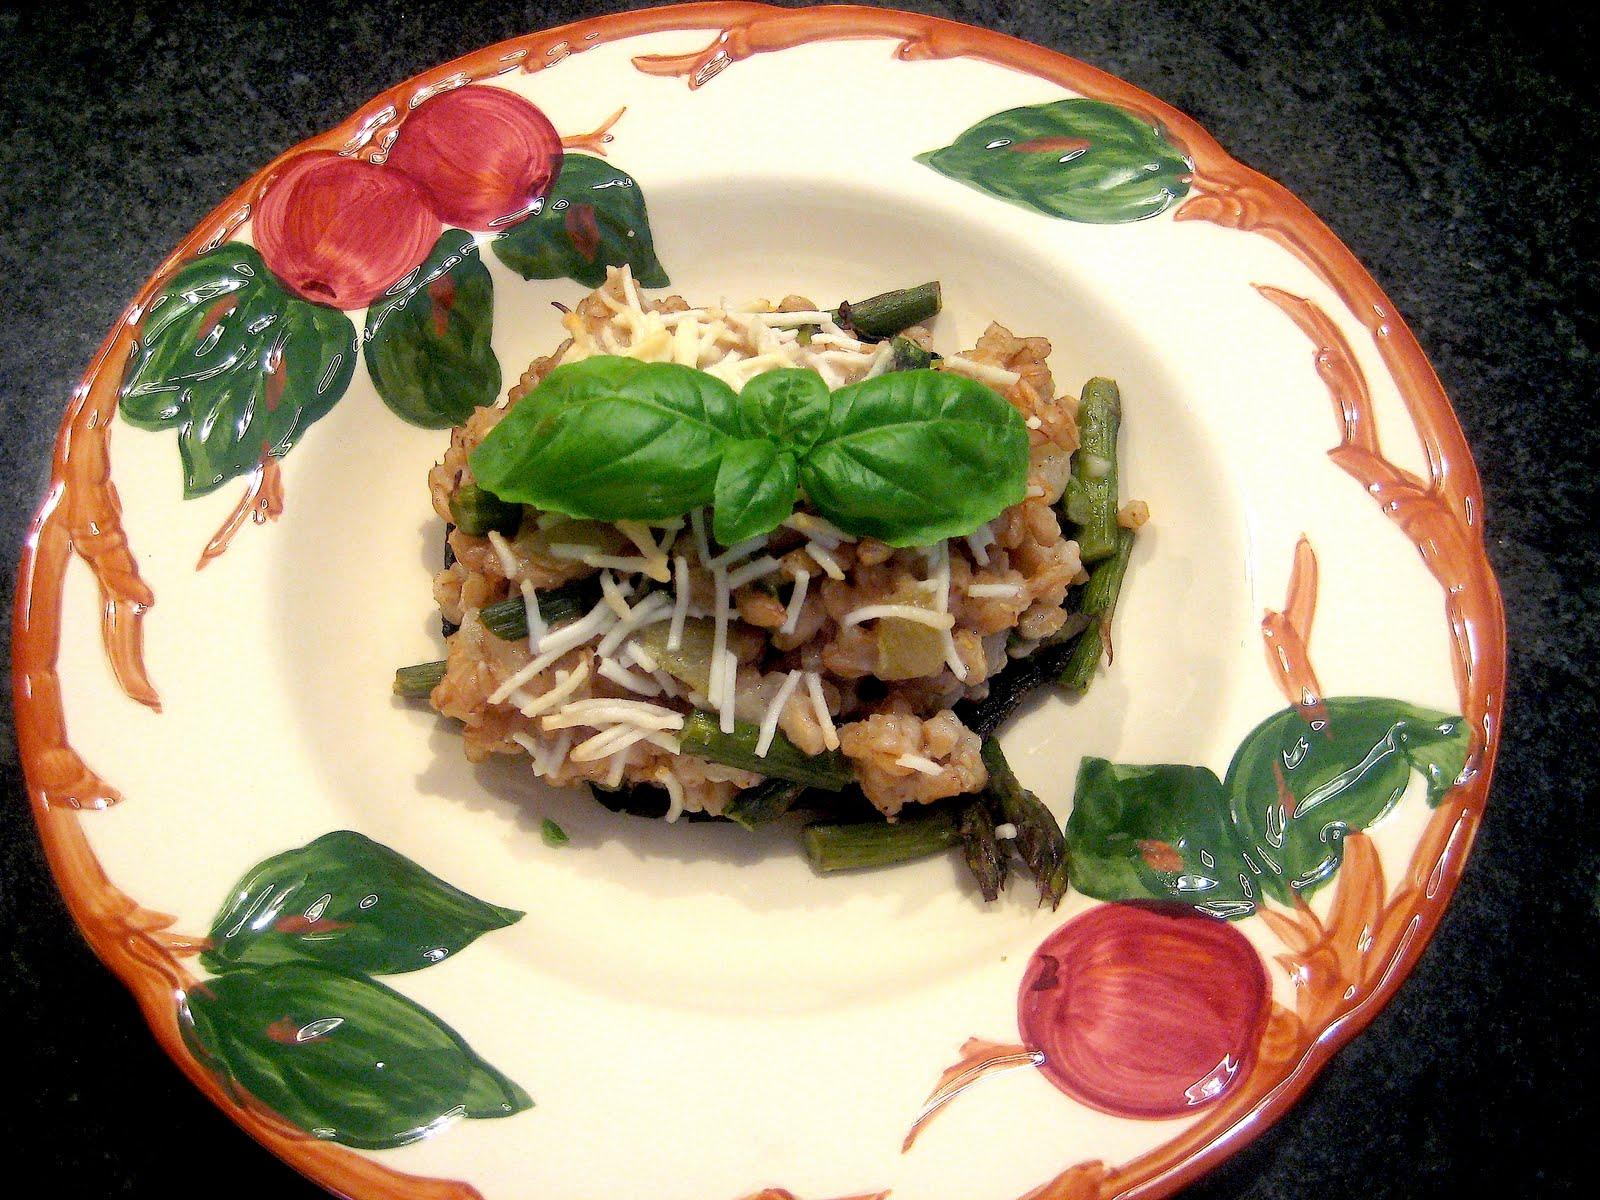 La bella cucina farro risotto for Bella j cucina